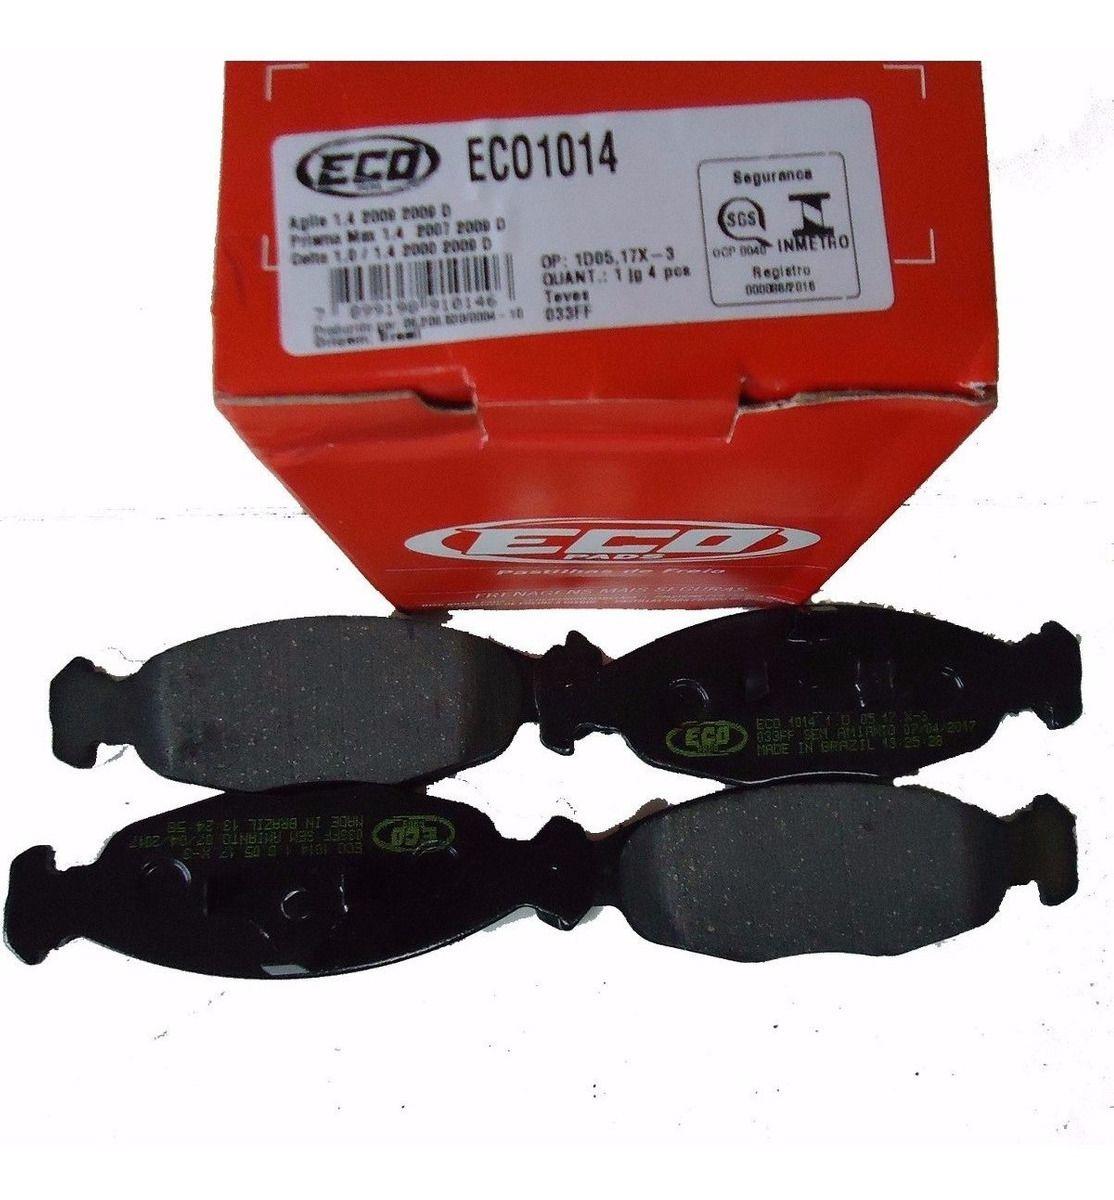 PASTILHA FREIO ECOPADS ECO 1014 CORSA 91/09 CELTA 1.0 00/09  PRISMA 1.4/MPFI 8V 07/09 AGILE   DIANTEIRA SISTEMA  TEVES